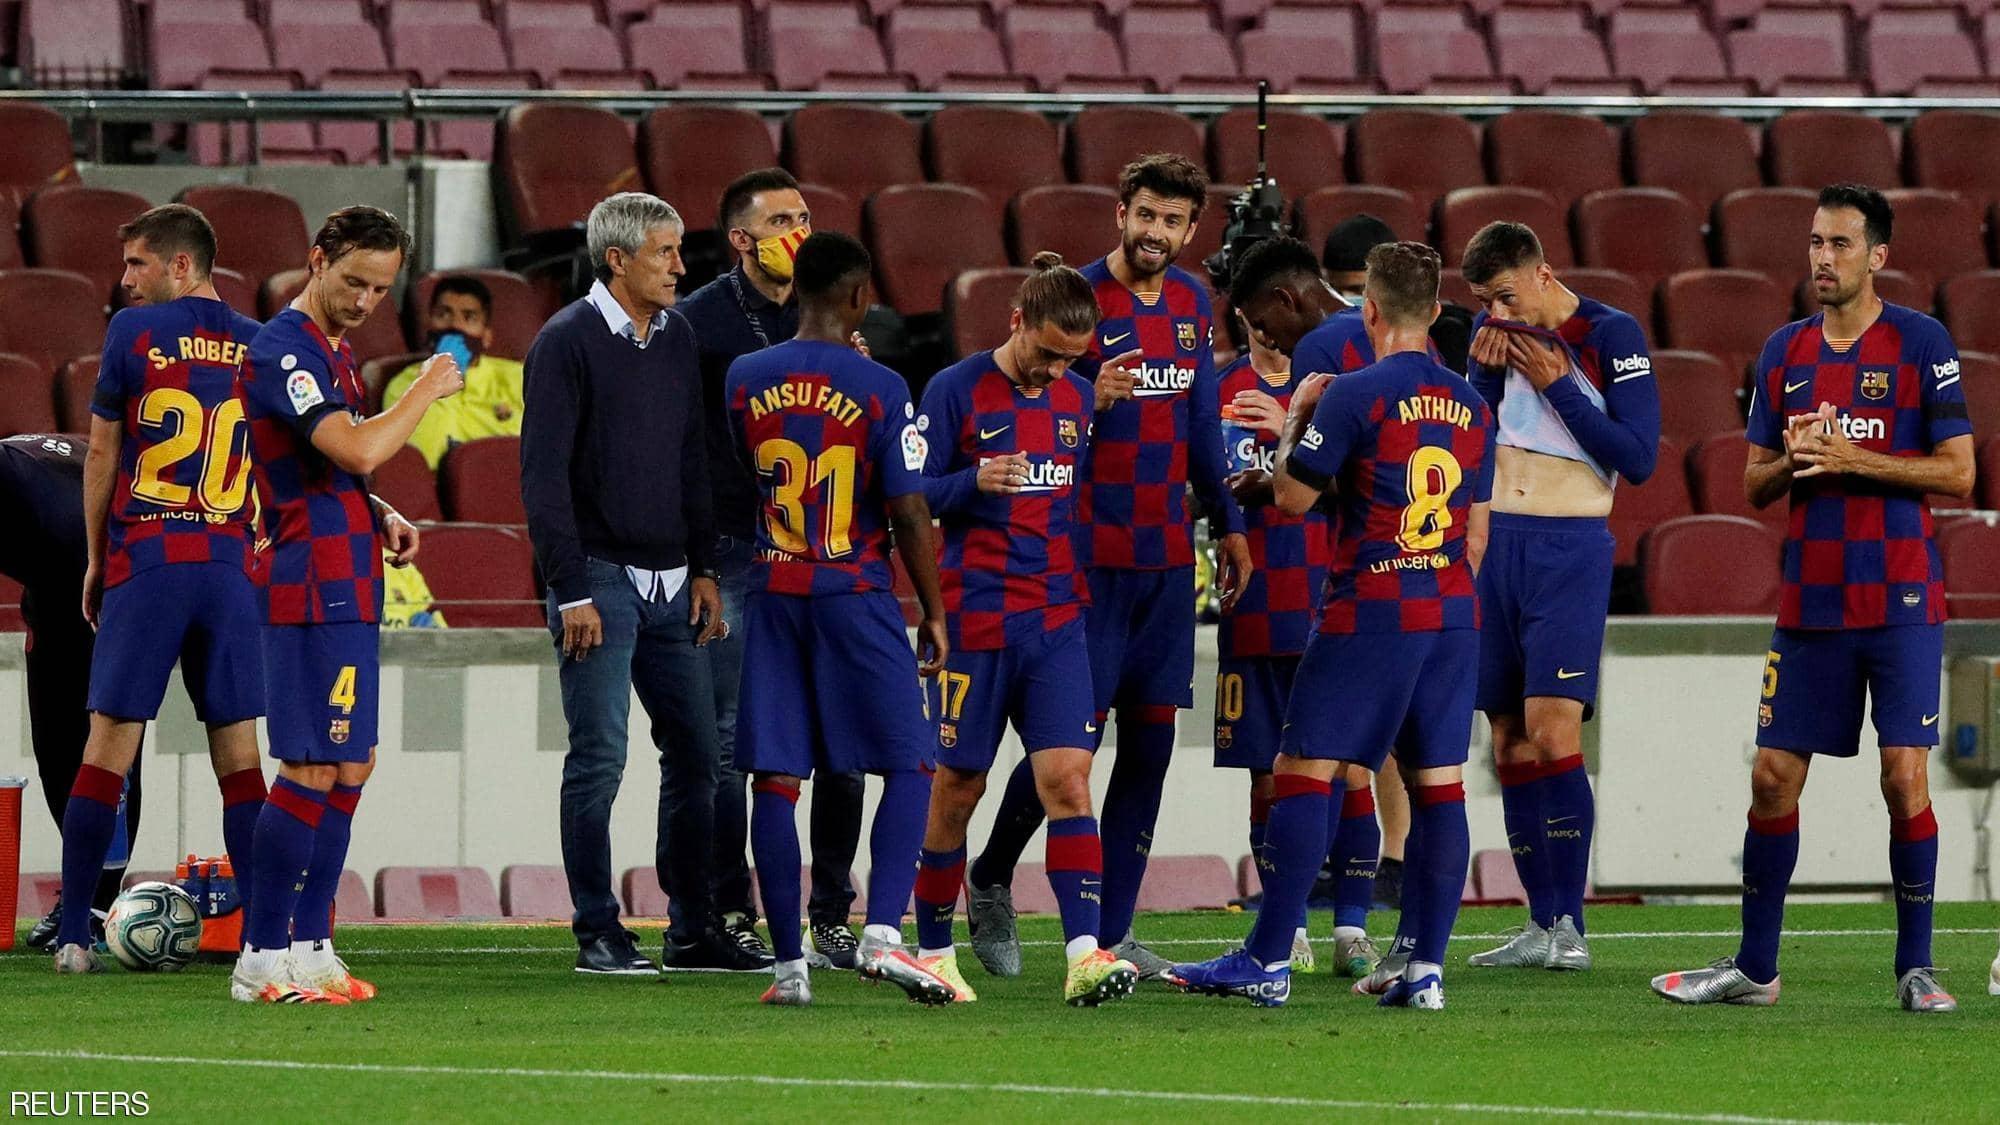 رسمياً.. برشلونة يعلن إقالة مدربه سيتين